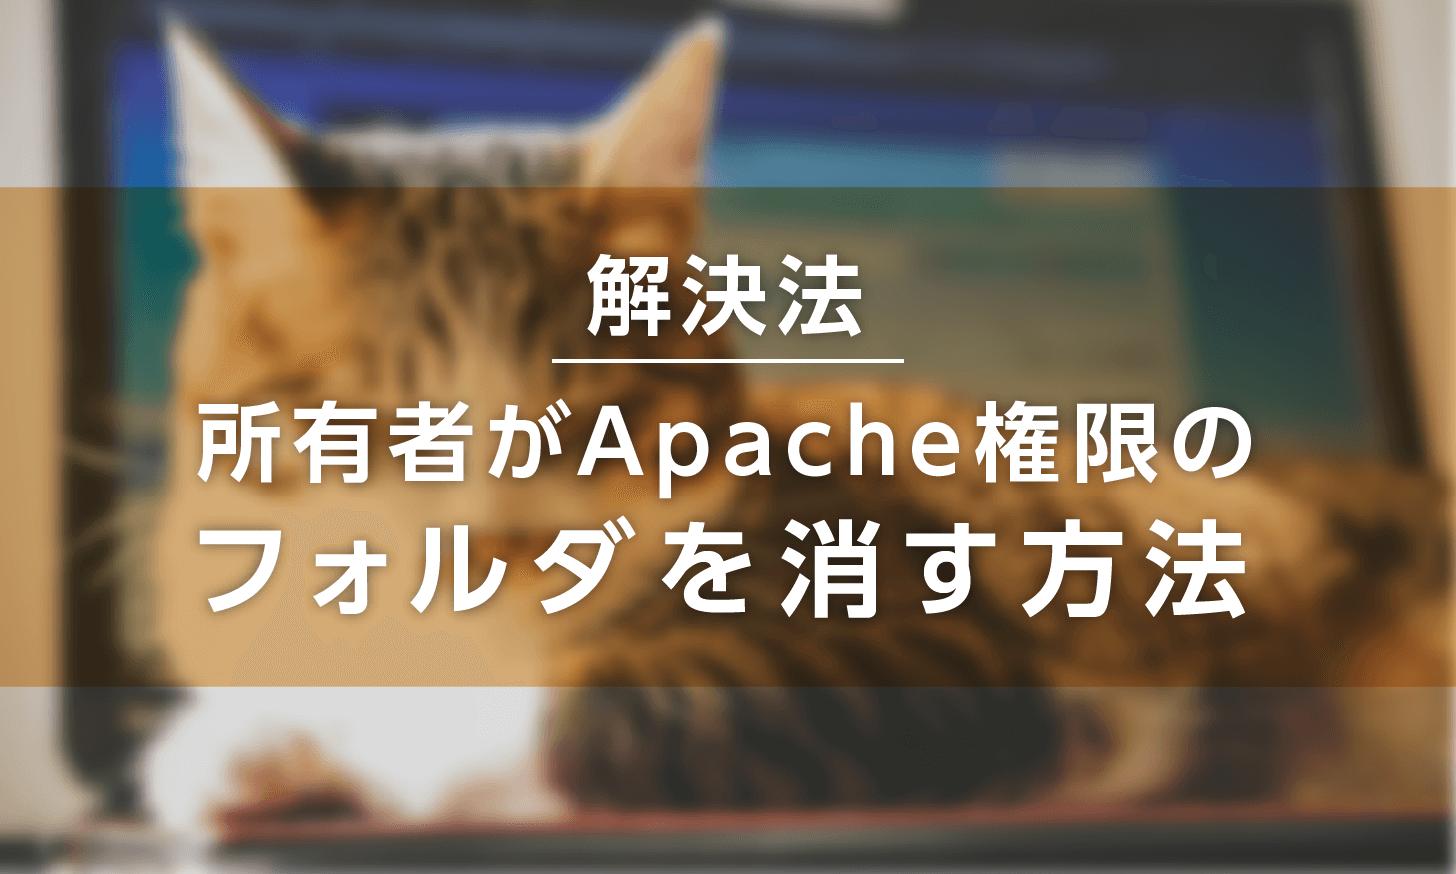 【解決法】FTP内で所有者がApache権限のフォルダ(ファイル)を消す方法